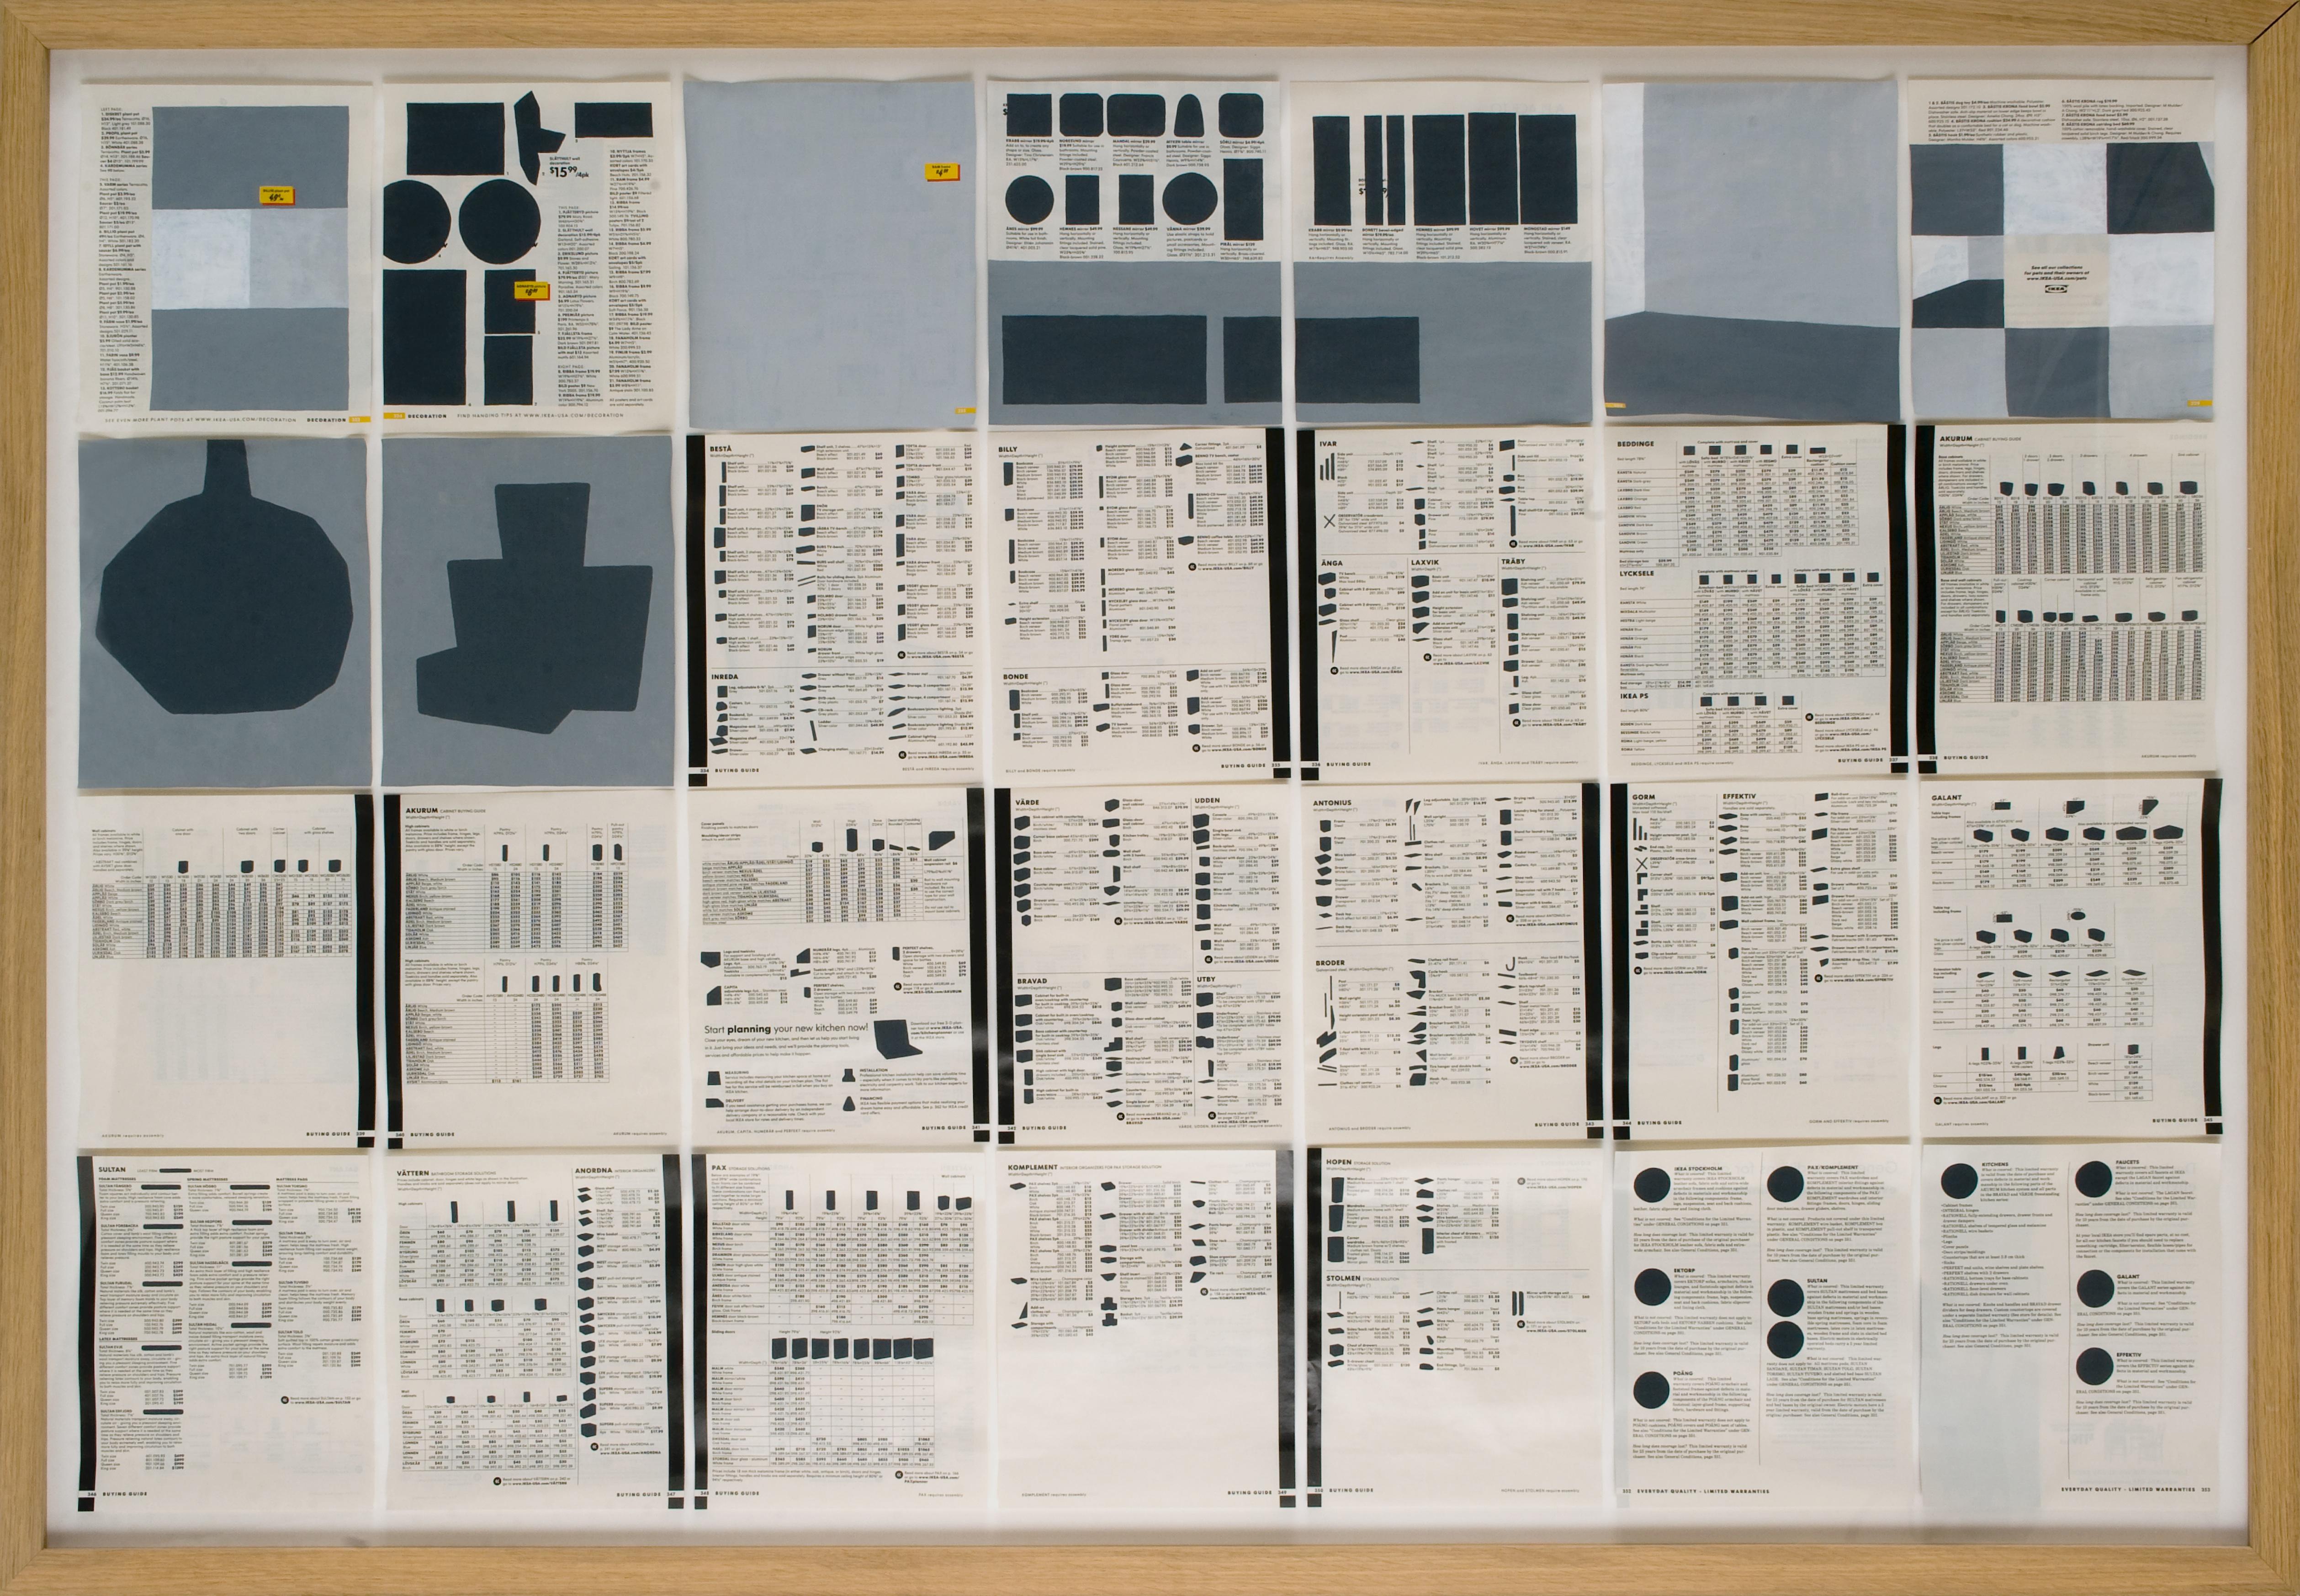 Jochen Gerner, n°10 – Buying guide, 2008_Série Home_Acrylique sur papier imprimé, 100 x 144 cm avec cadre_courtesy galerie anne barrault